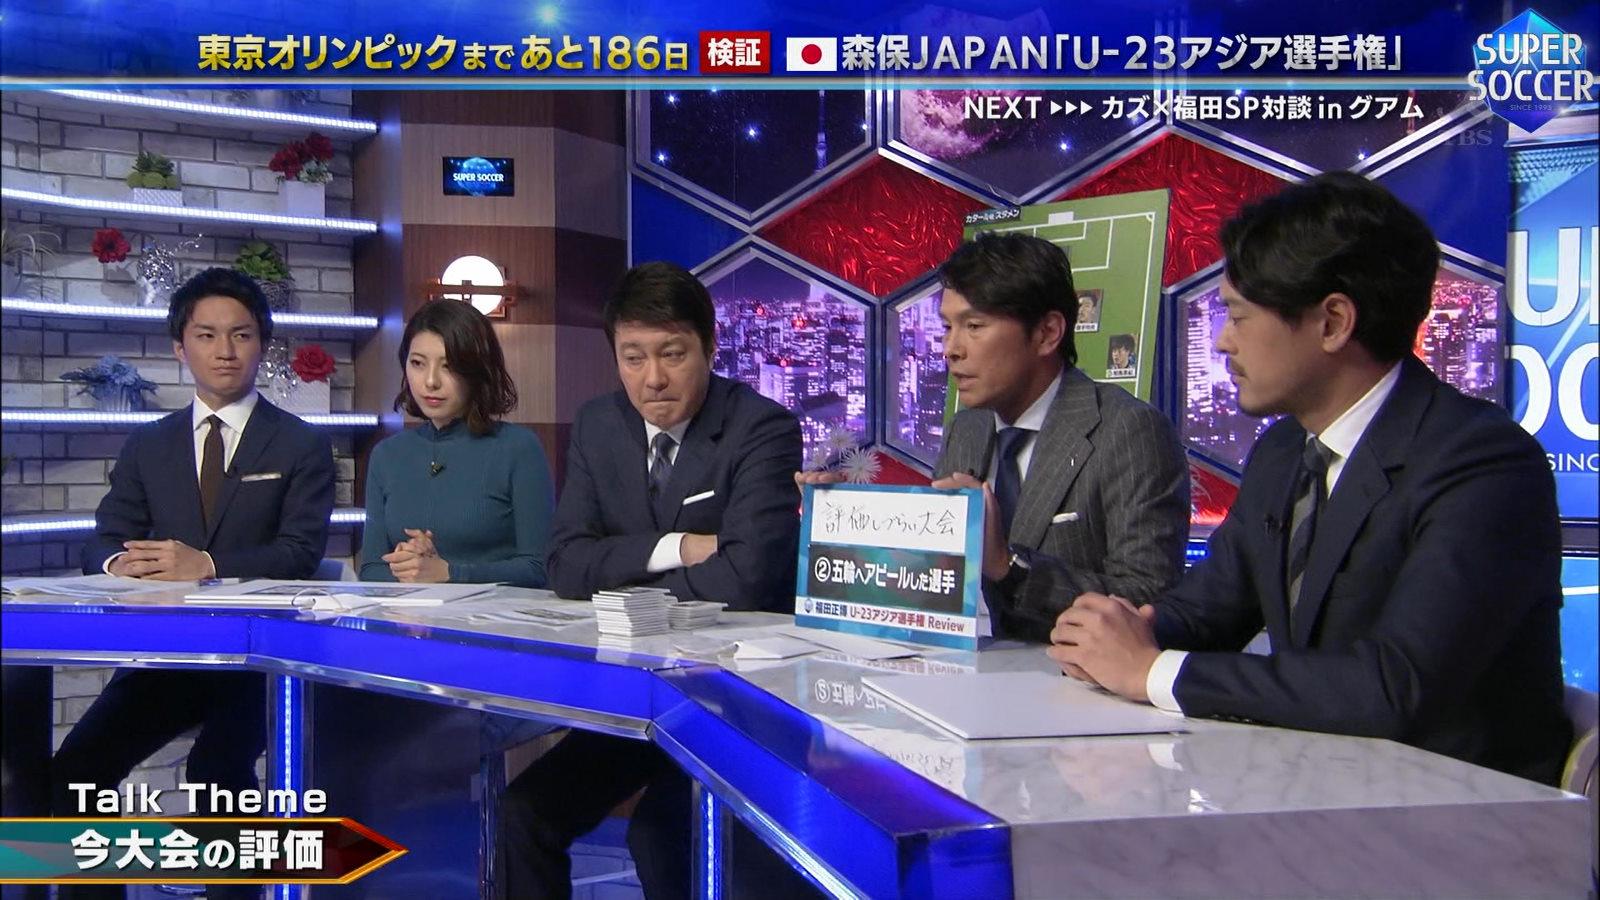 上村彩子_女子アナ_おっぱい_スーパーサッカー_06